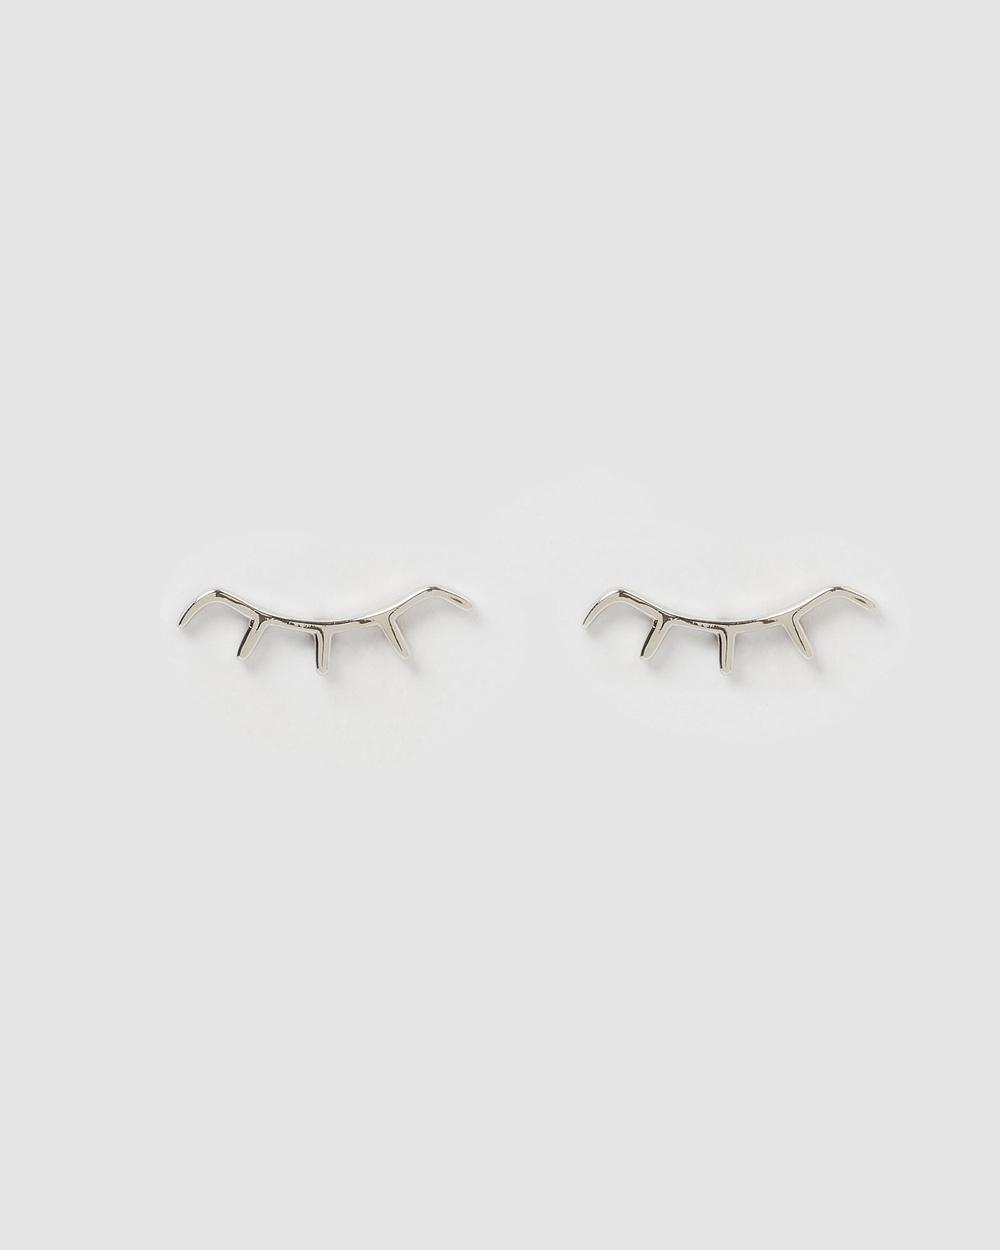 Izoa Kids Tilly Stud Earrings Jewellery Silver